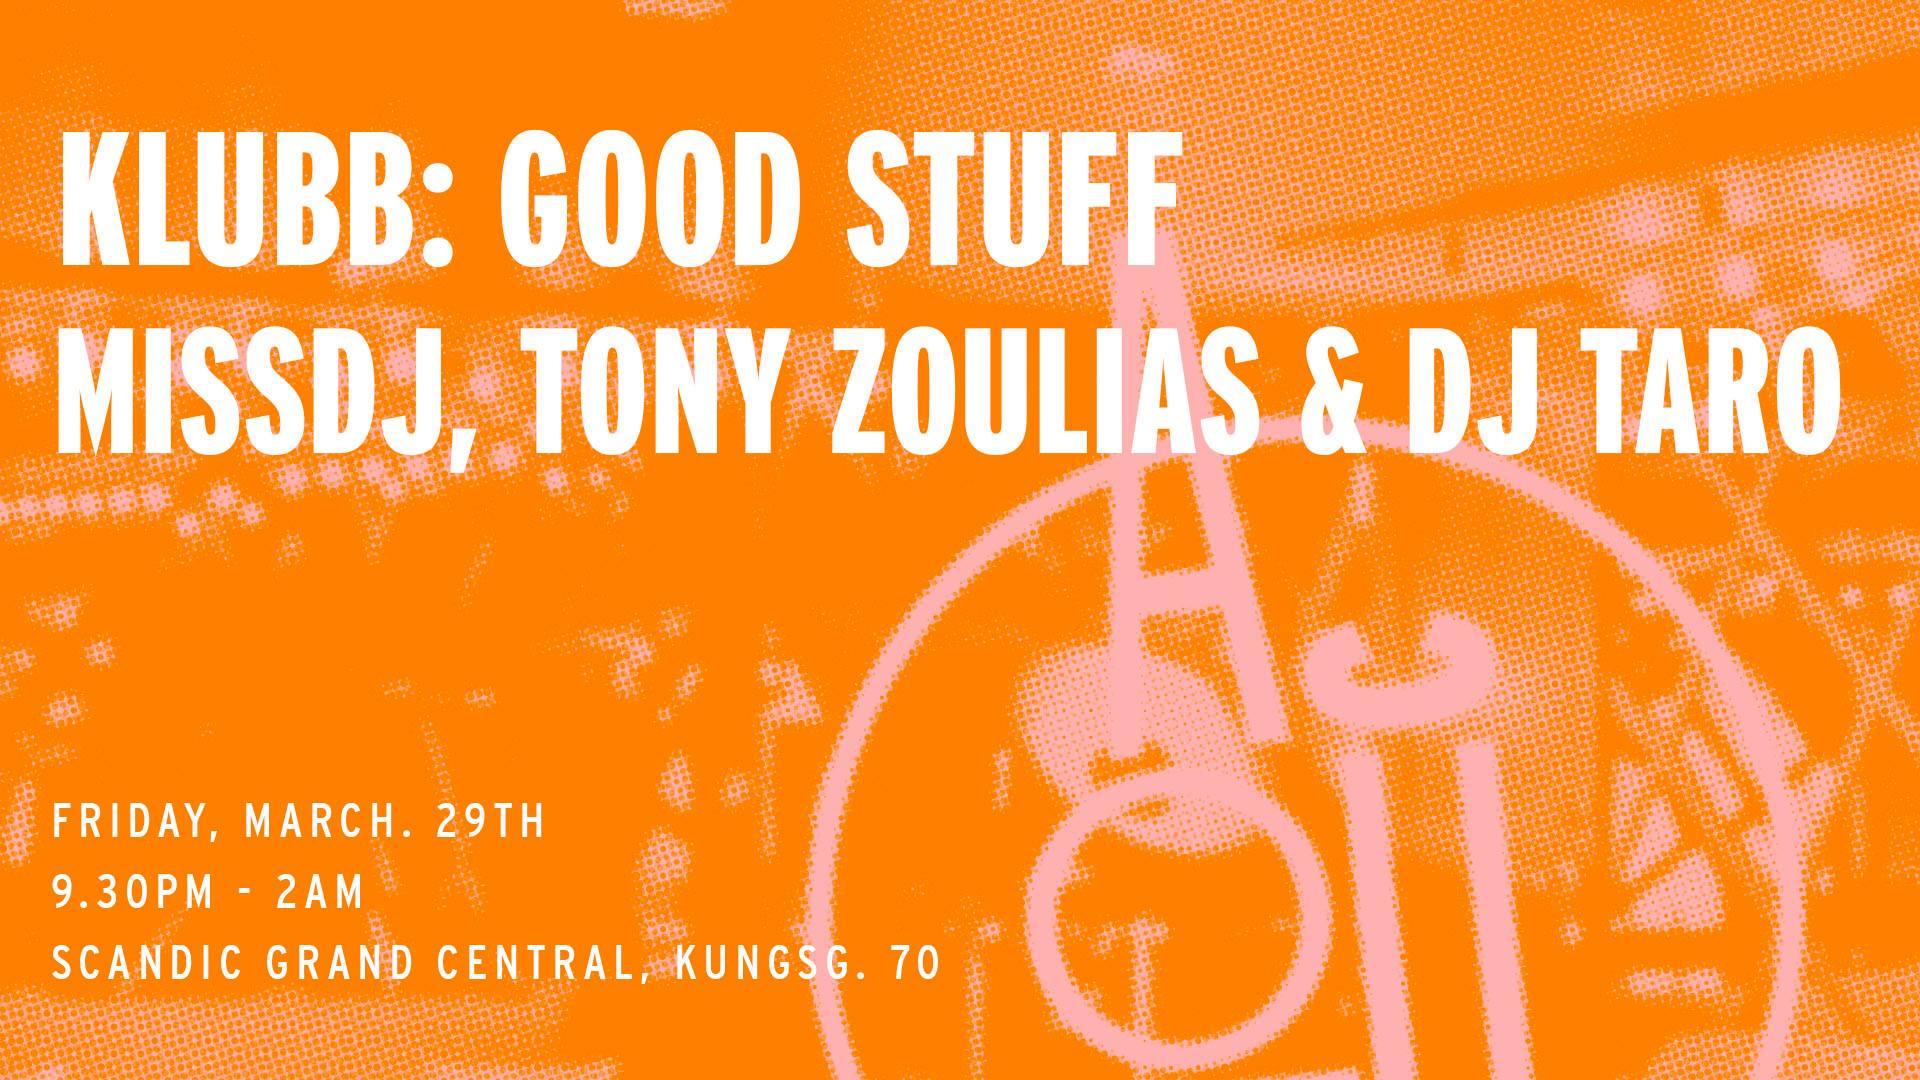 Konsert: GOOD STUFF Tony Zoulias, Dj Taro, Missdj!